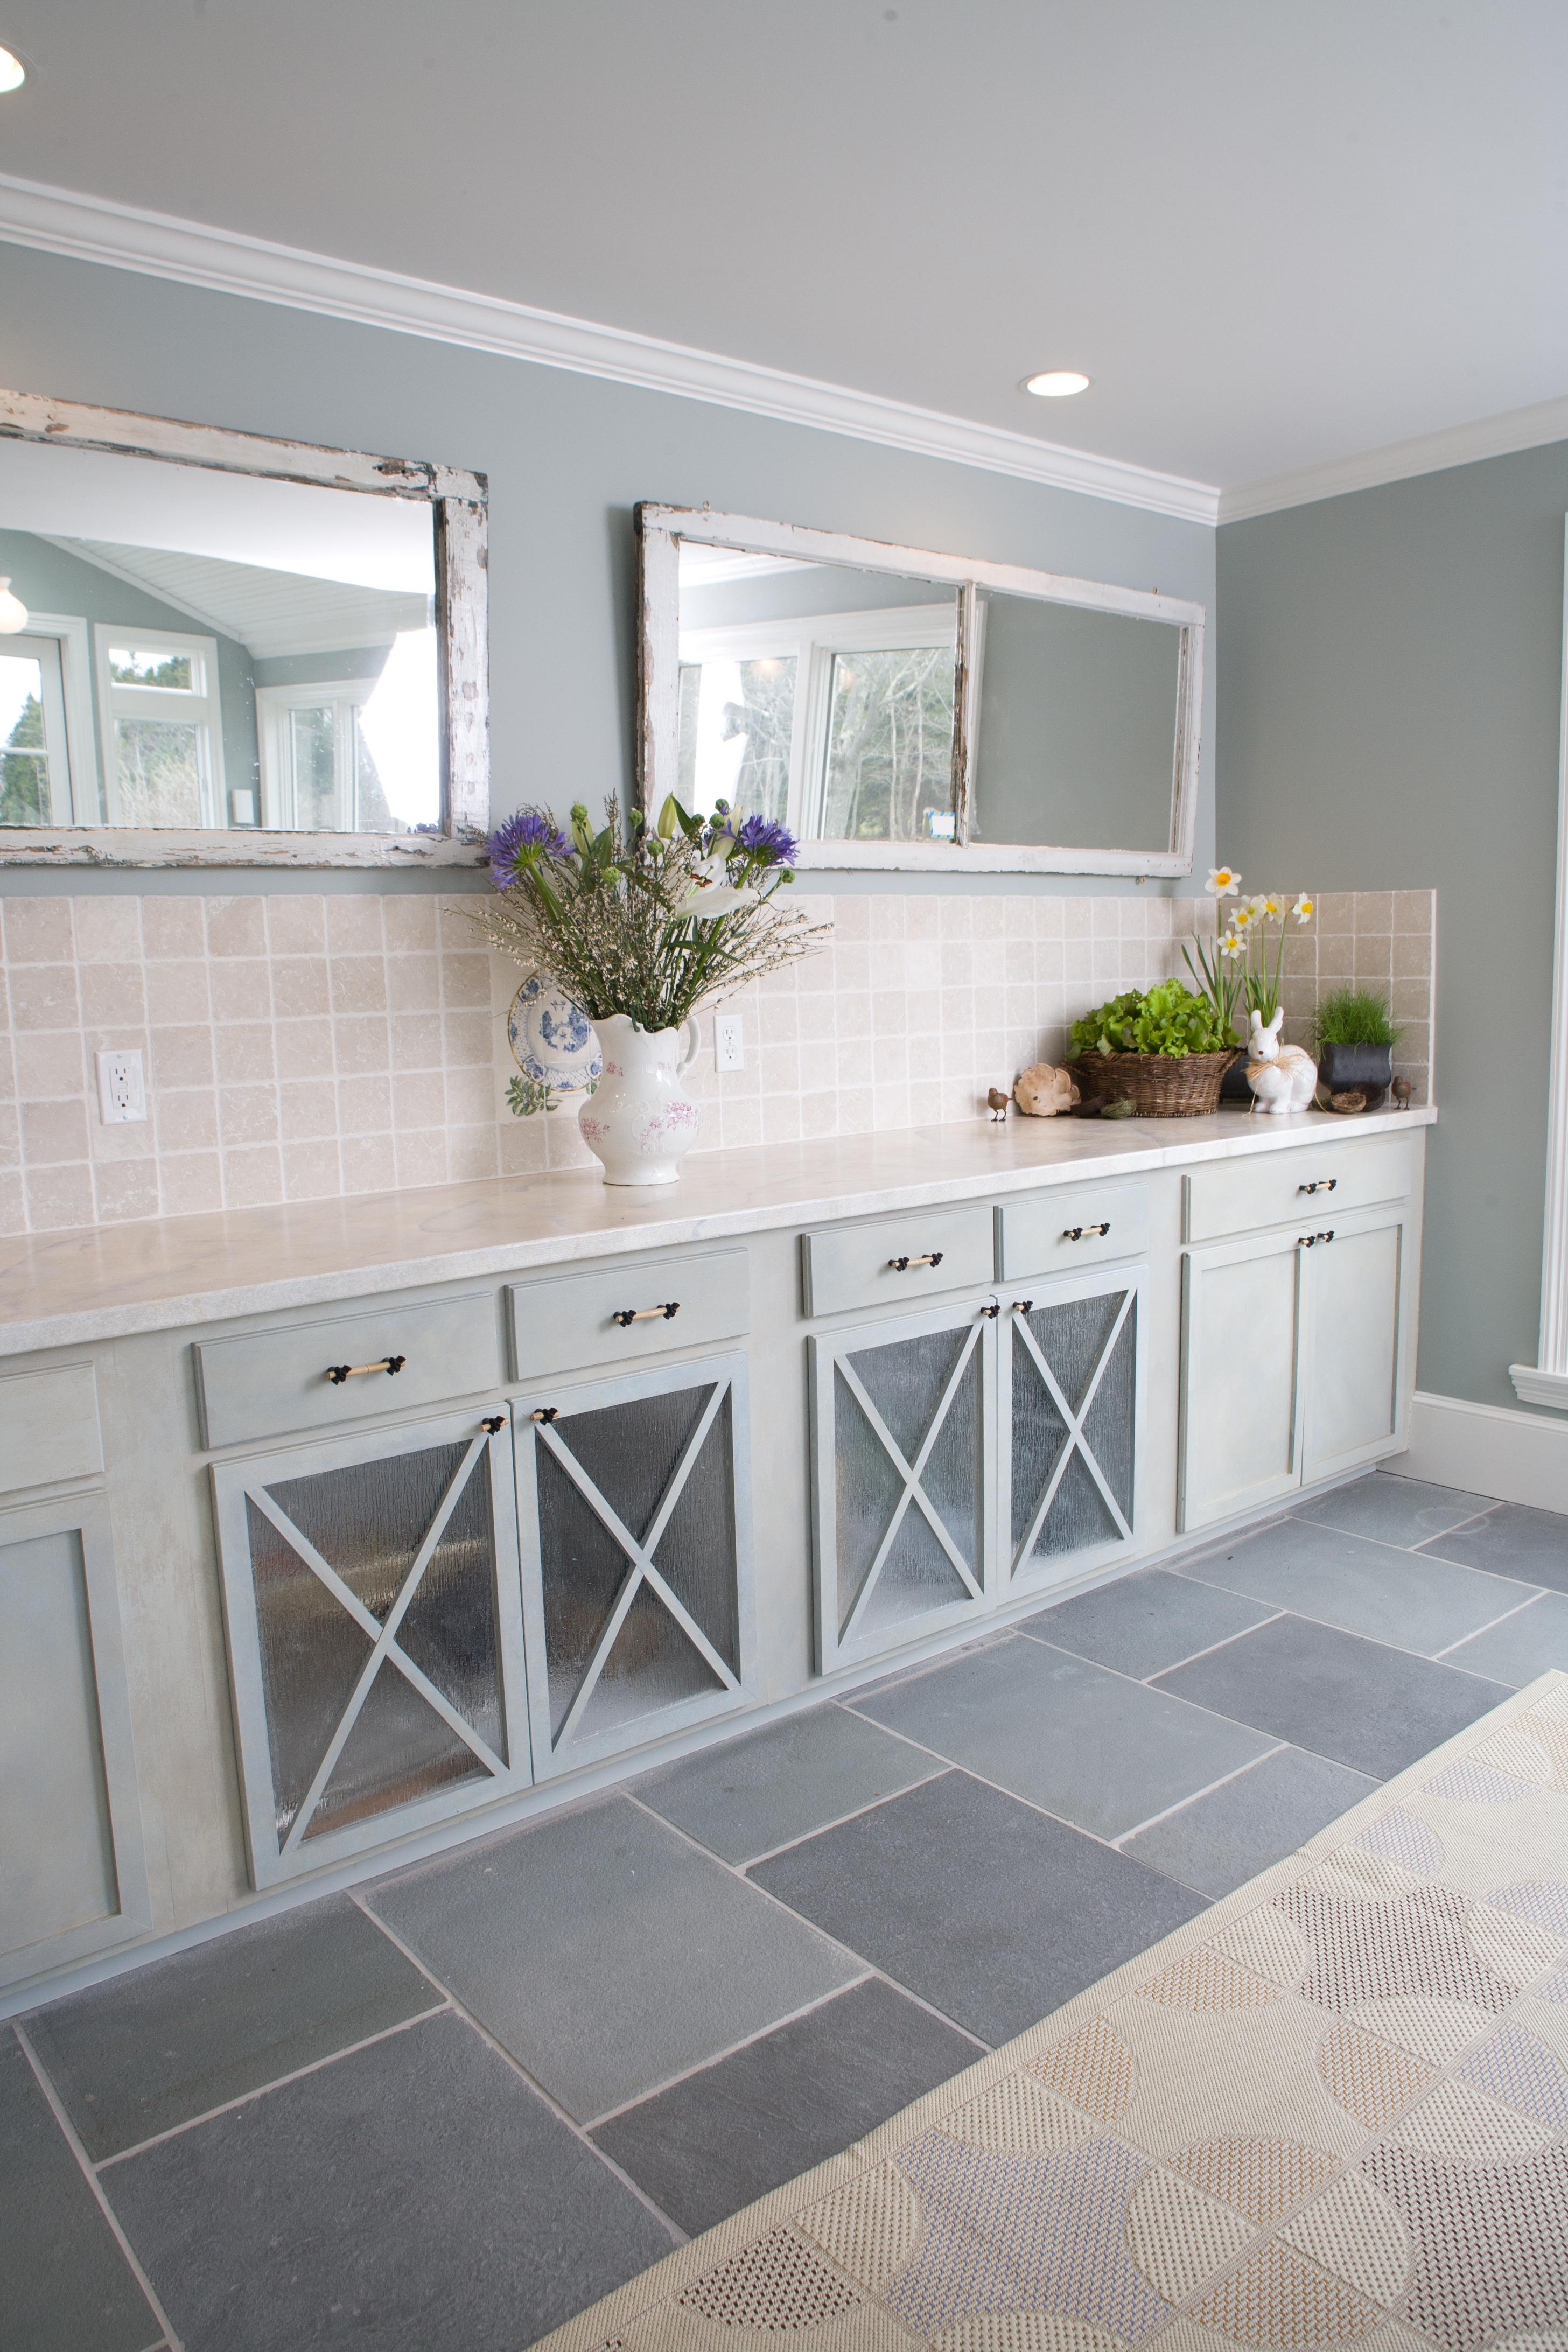 Maine Home And Design Featured Celia Bedilia Celia Bedilia